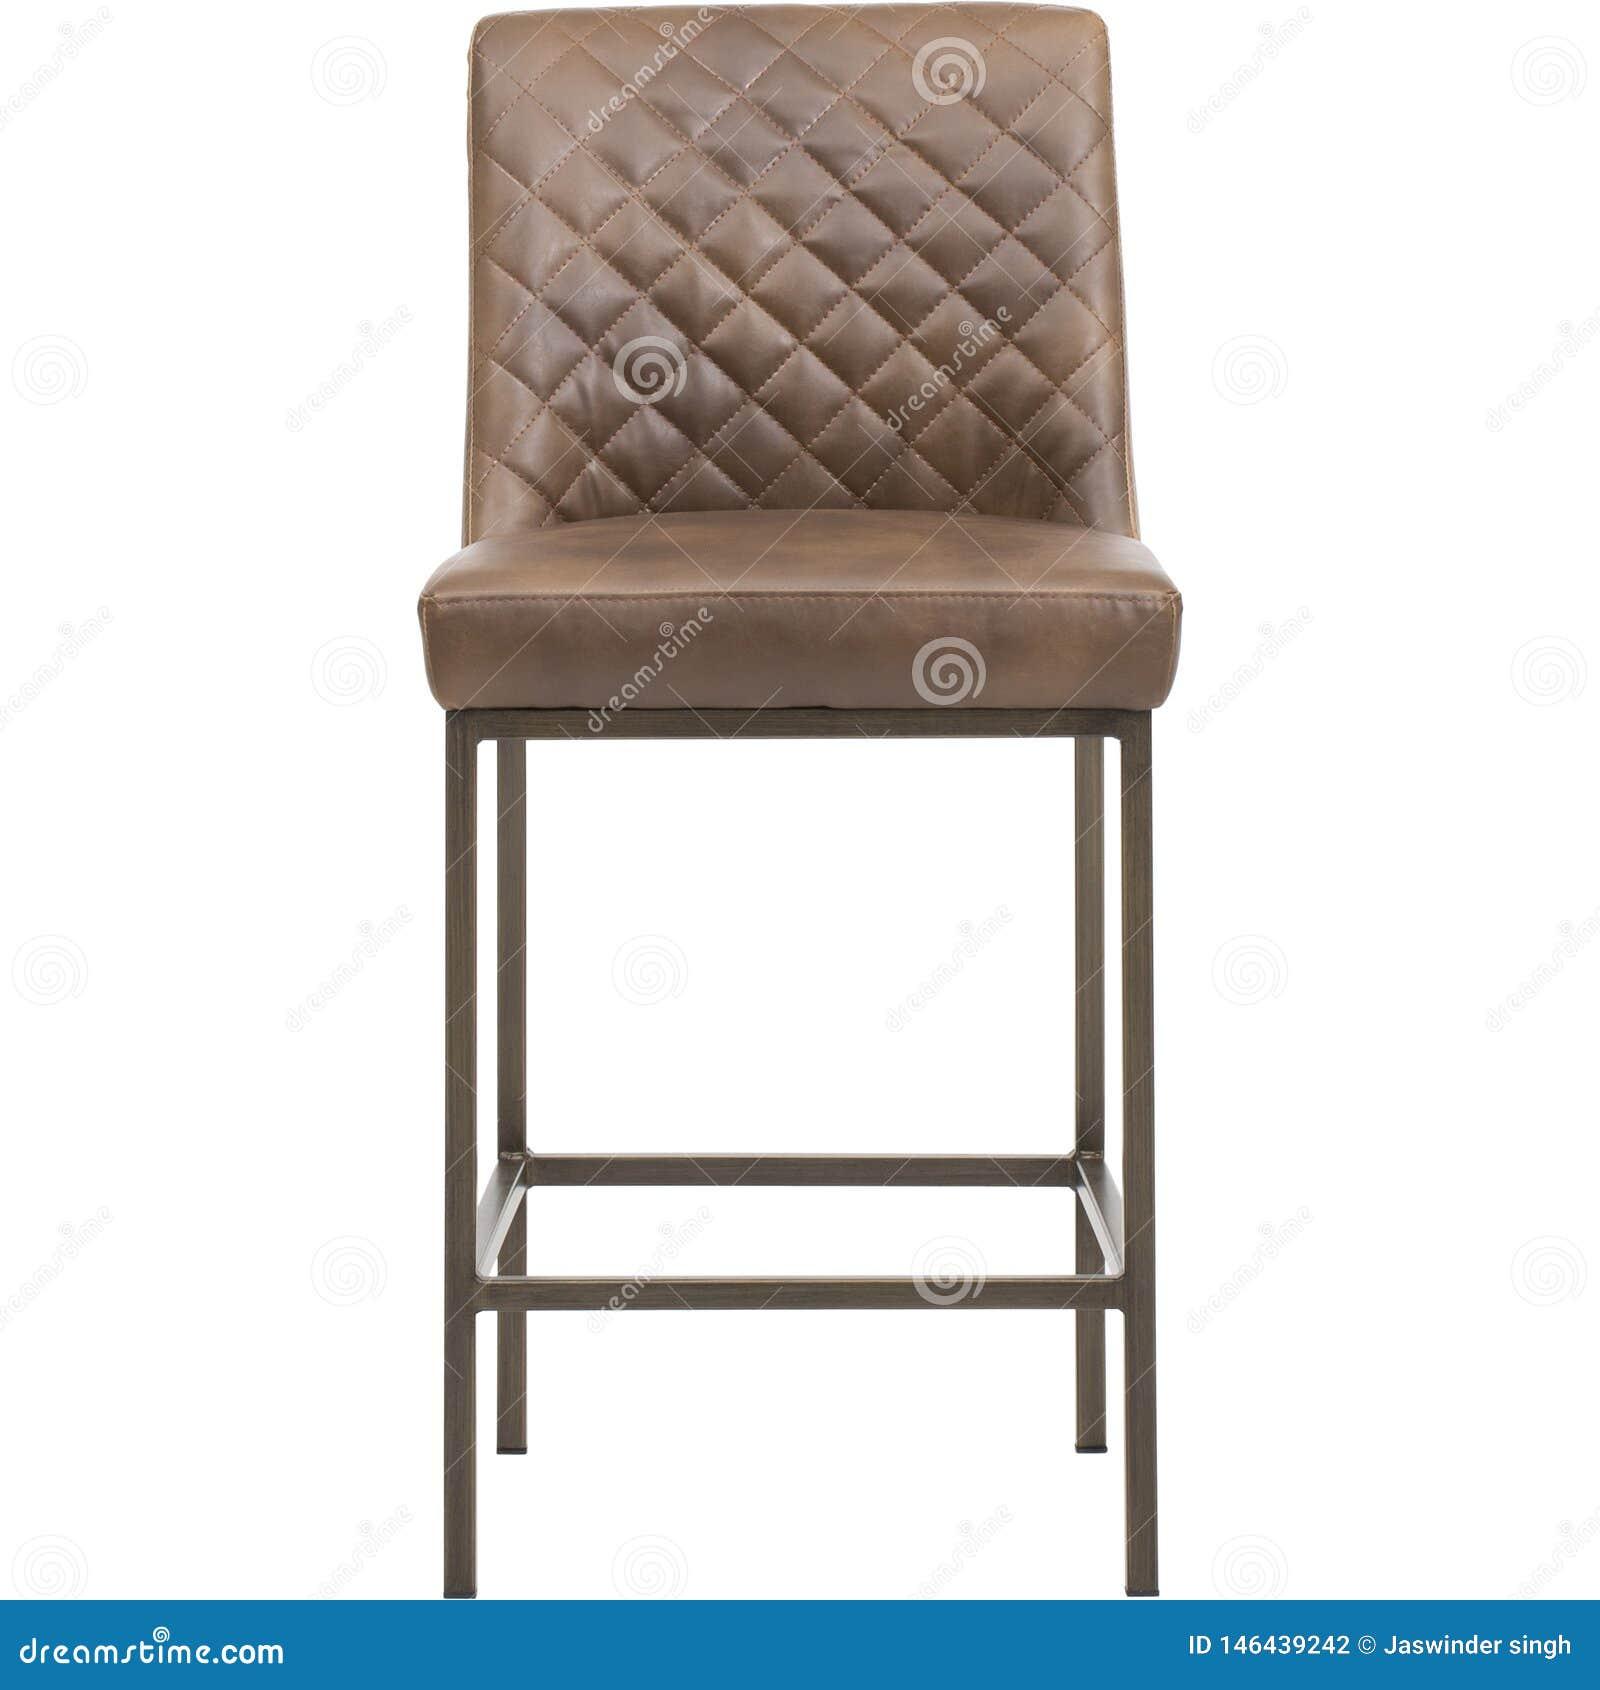 Mörka grå färger - möblemang - Sunpan, EIGHLAND som ÄTER MIDDAG STOL - den MÄSSINGSANTIKVITETEN - MÖRKA GREY FABRI, stångstol med